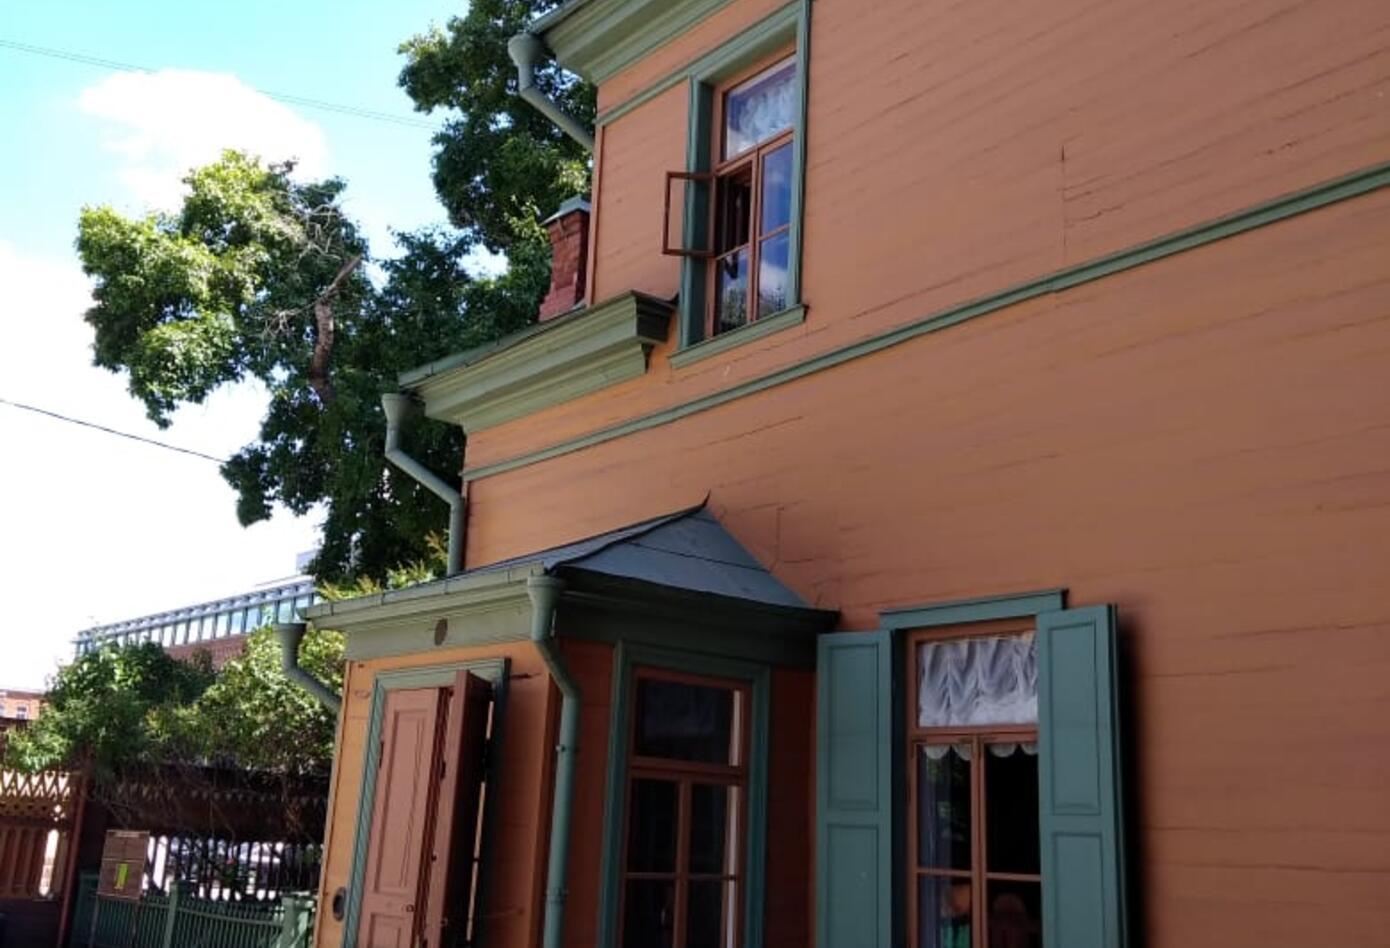 Costado de la casa de Tolstoi, en Rusia.